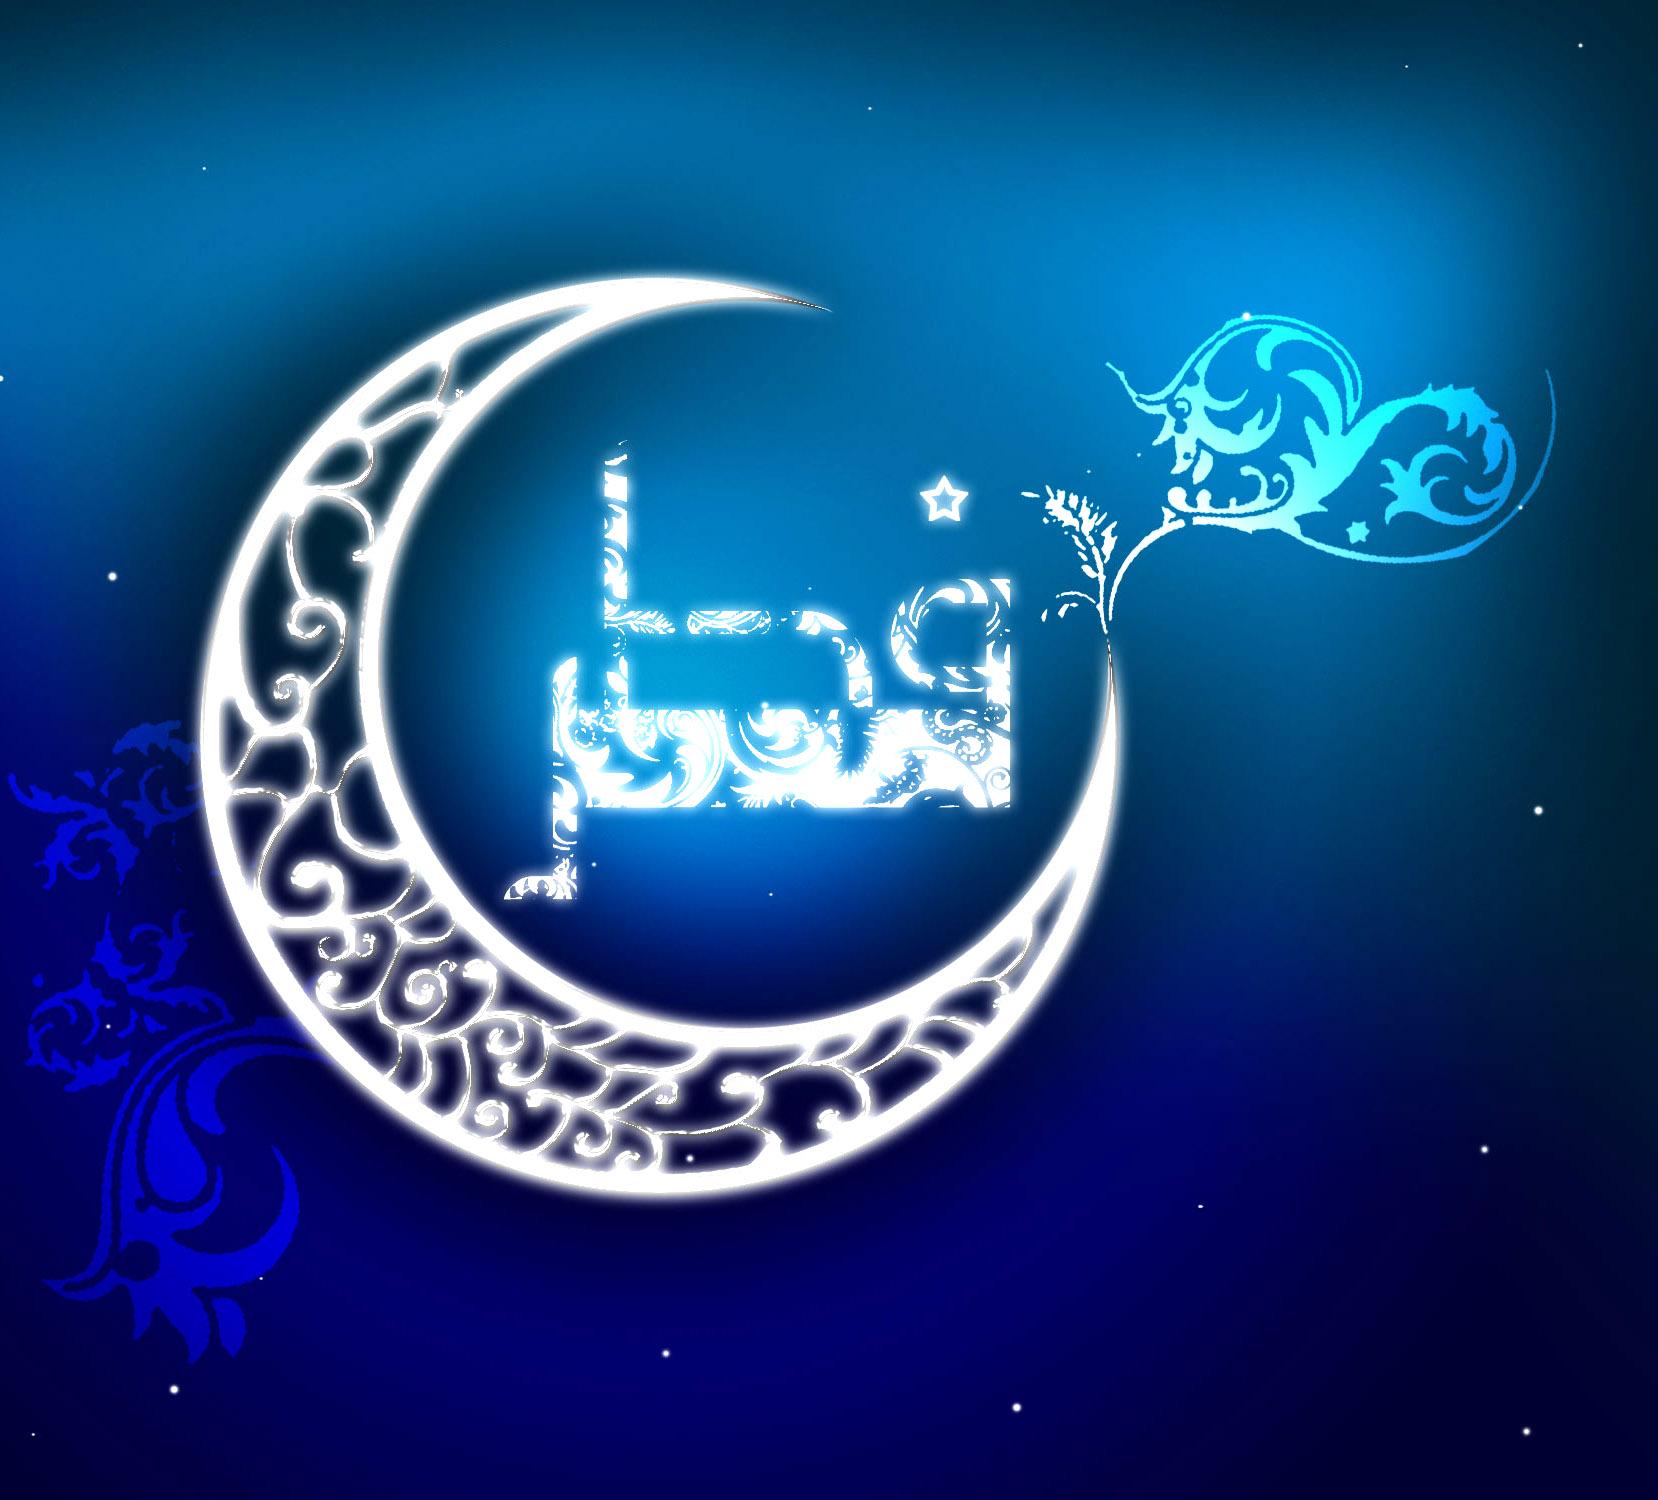 اعمال شب و روز عیدسعید فطر